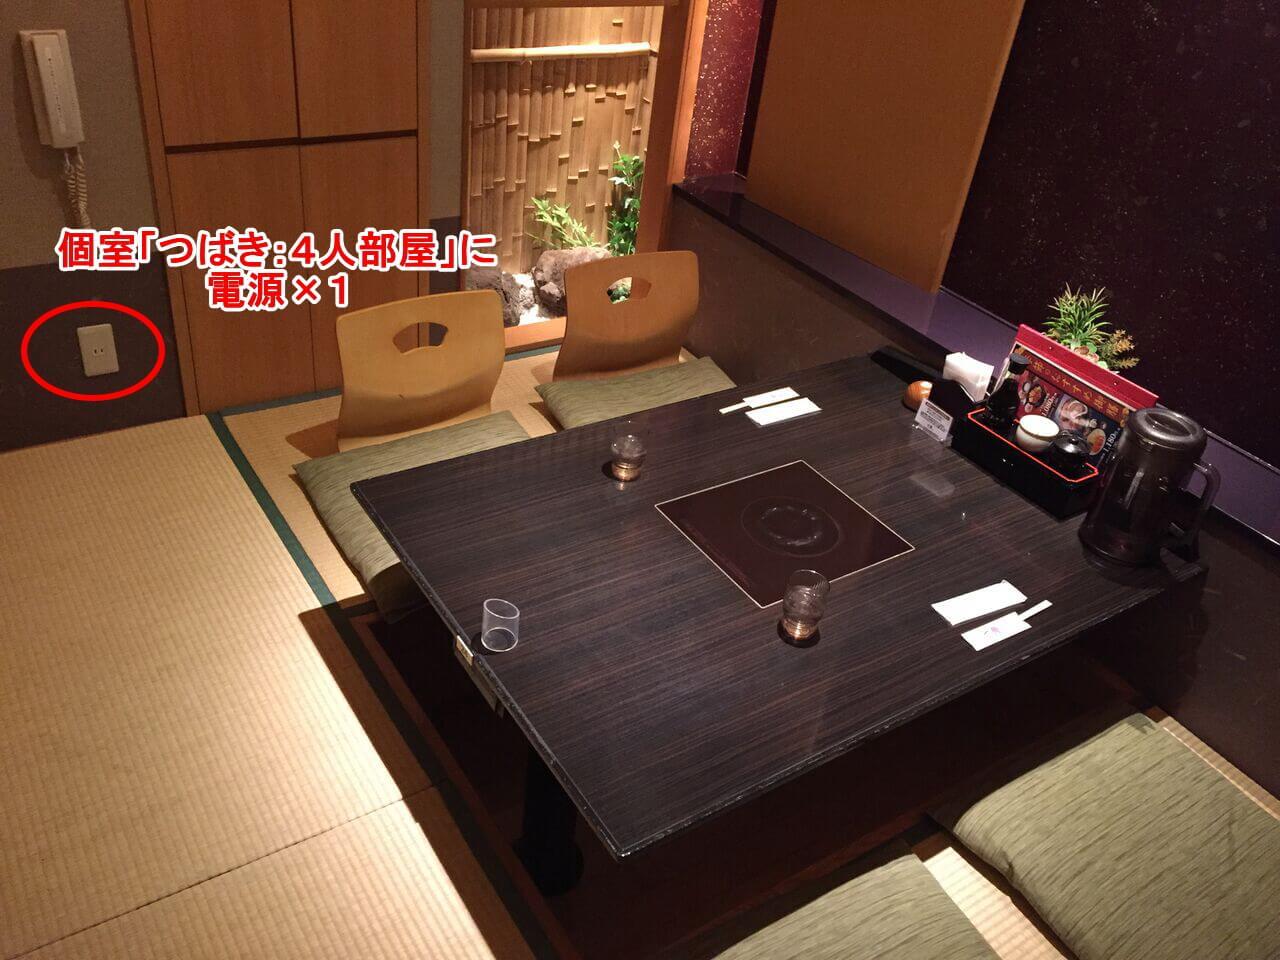 個室「つばき:4人部屋」に電源×1